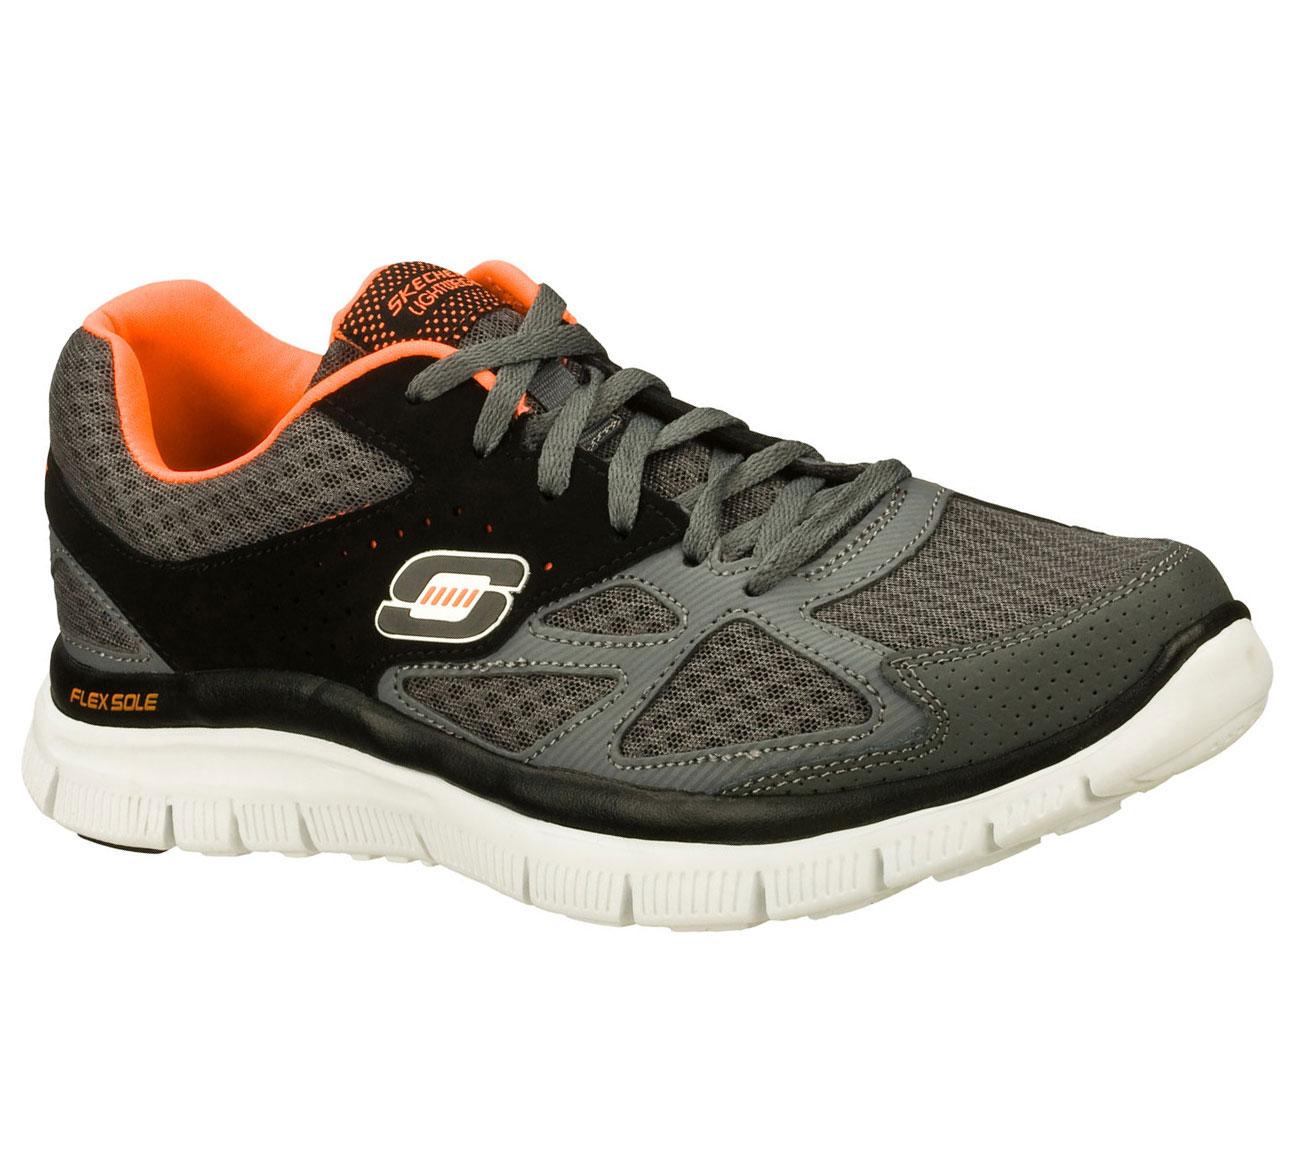 scarpe memory foam uomo Sale 7b714ecea5c